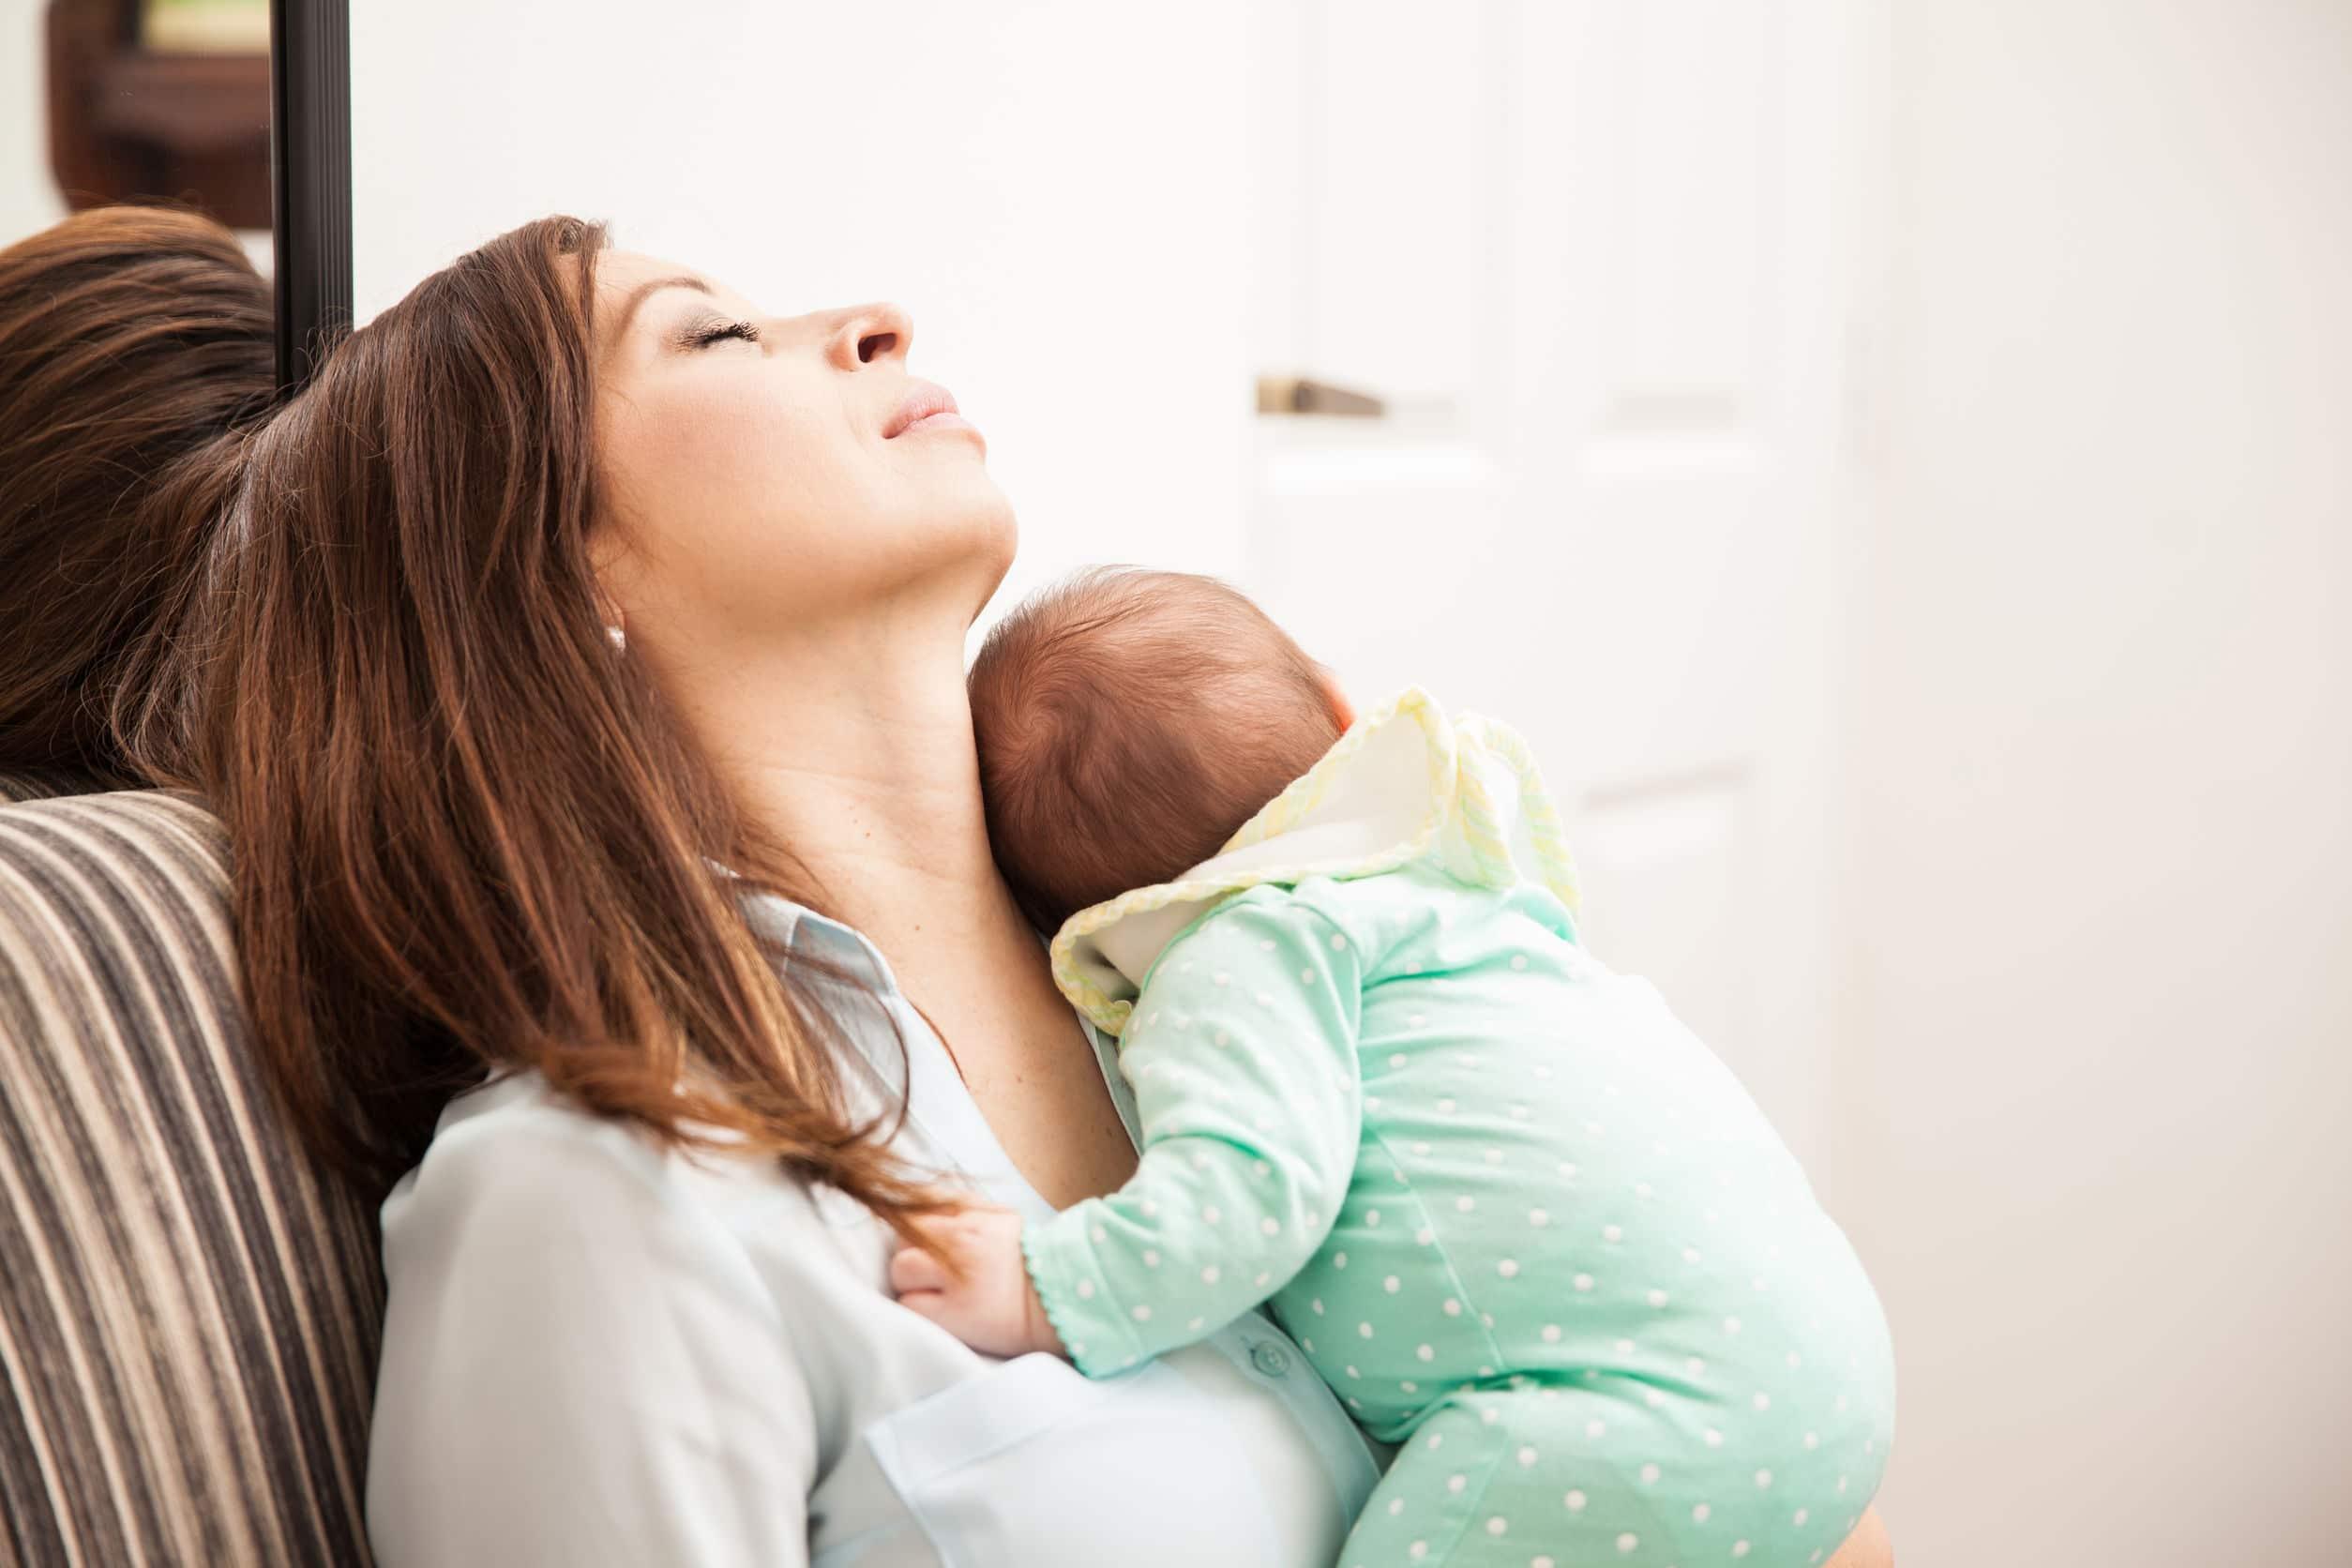 Mulher branca jovem sentada em uma poltrona demonstrando cansaço enquanto segura um bebê recém nascido.